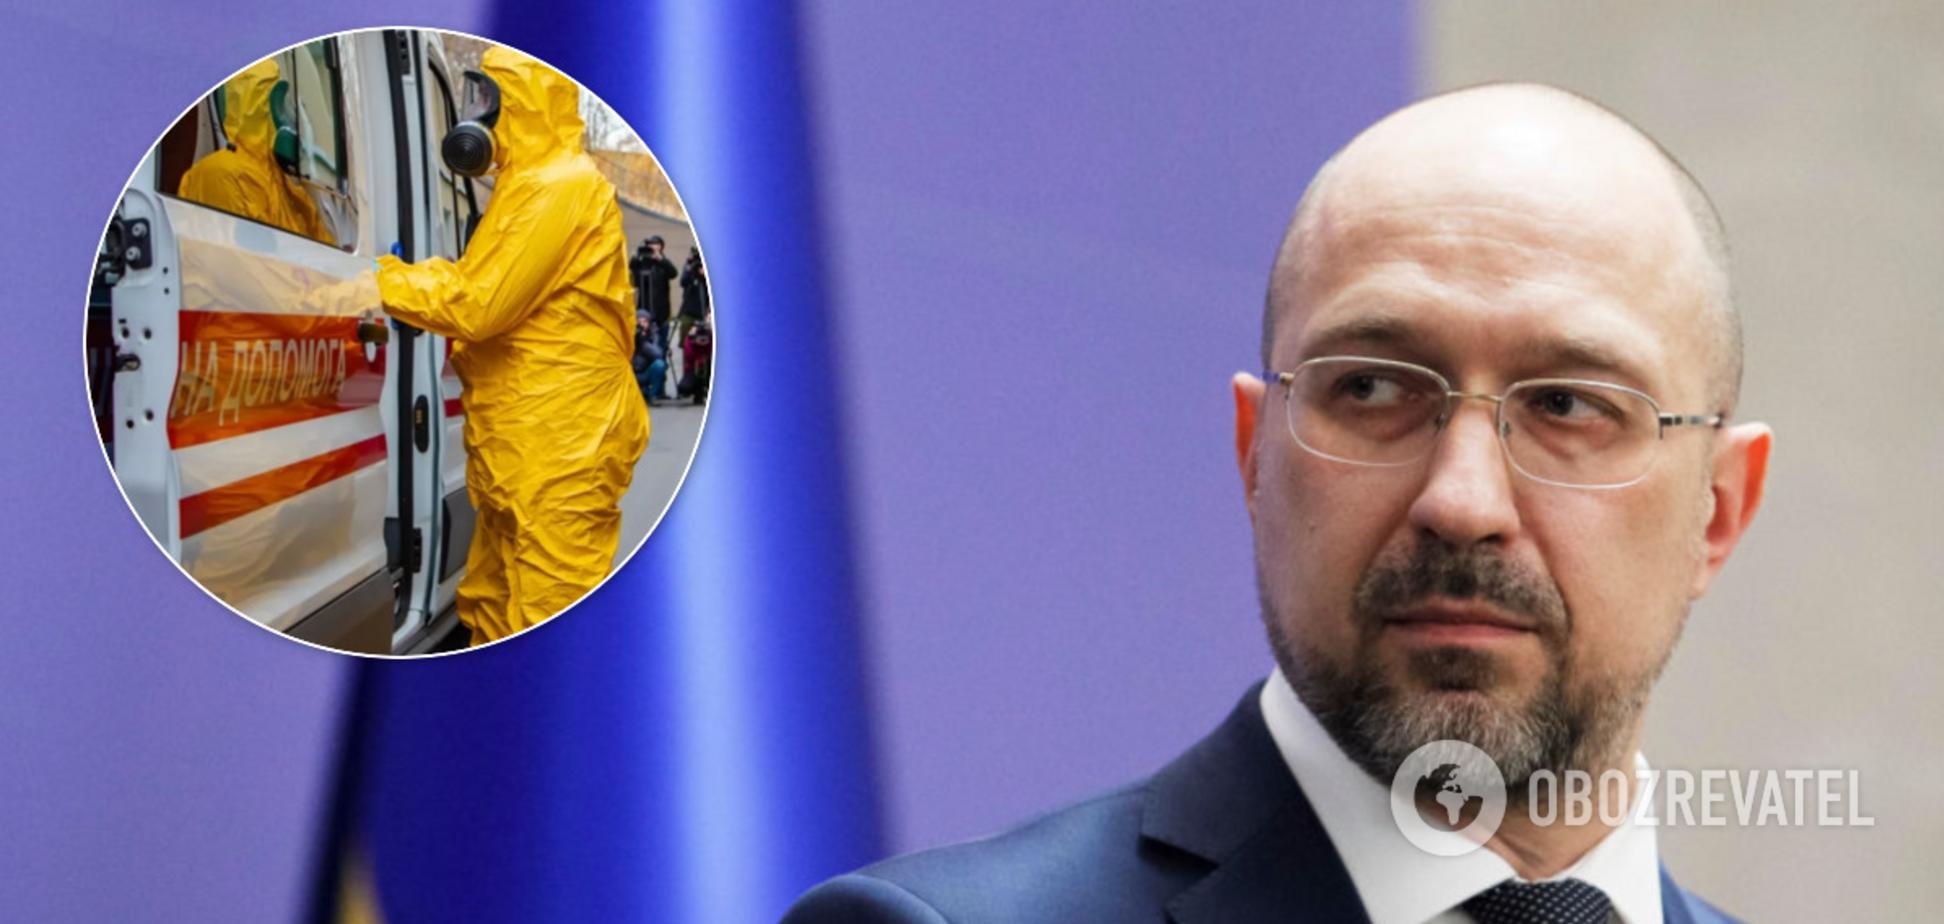 В Украине готовы отменить карантин и режим ЧС: Шмыгаль обратился к украинцам